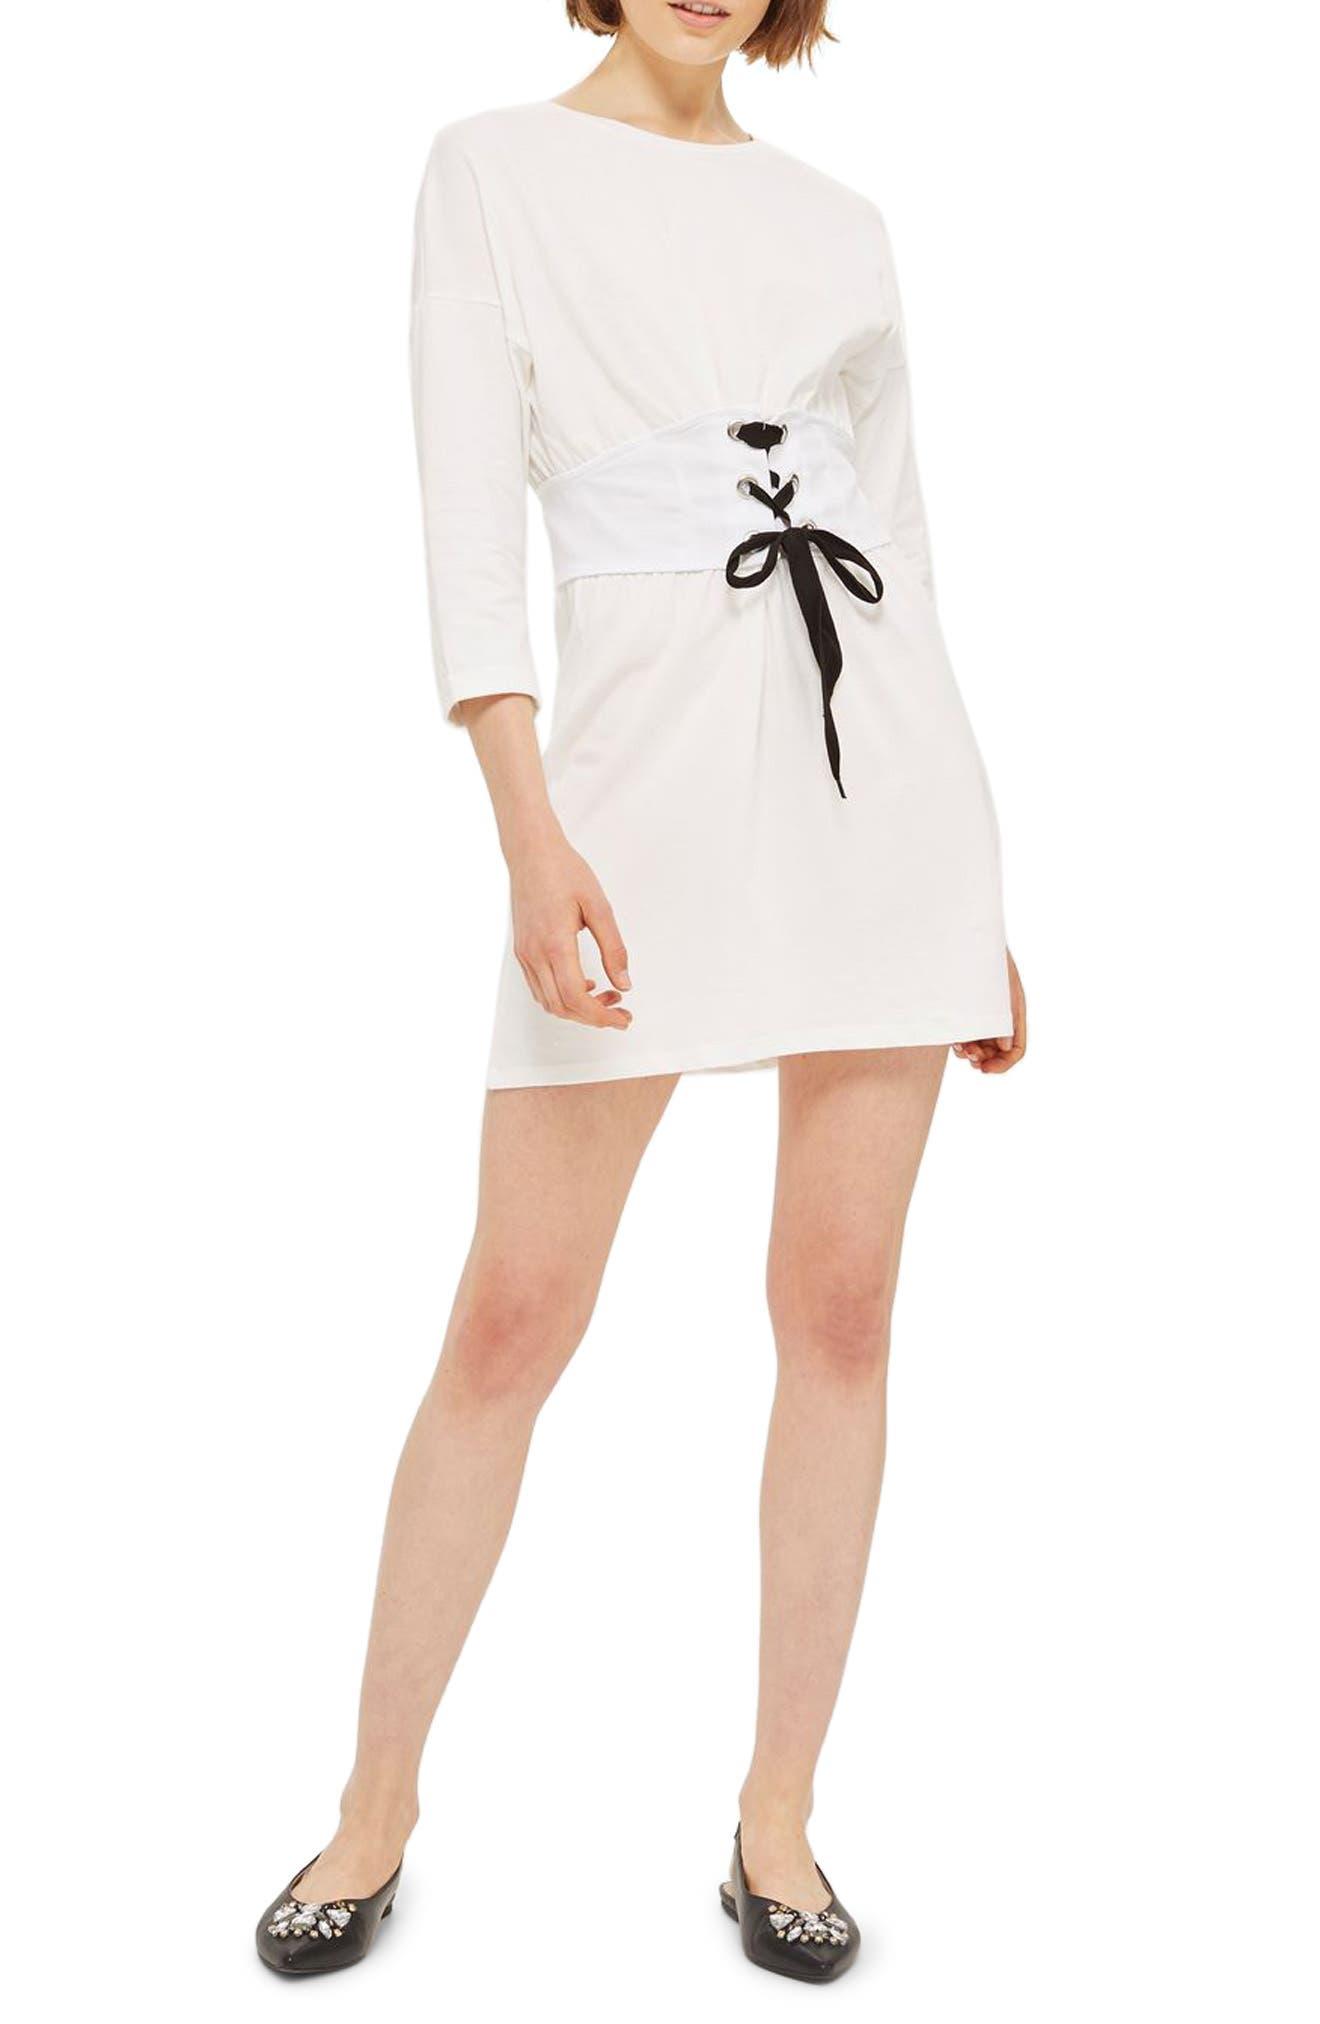 Main Image - Topshop Corset T-Shirt Dress